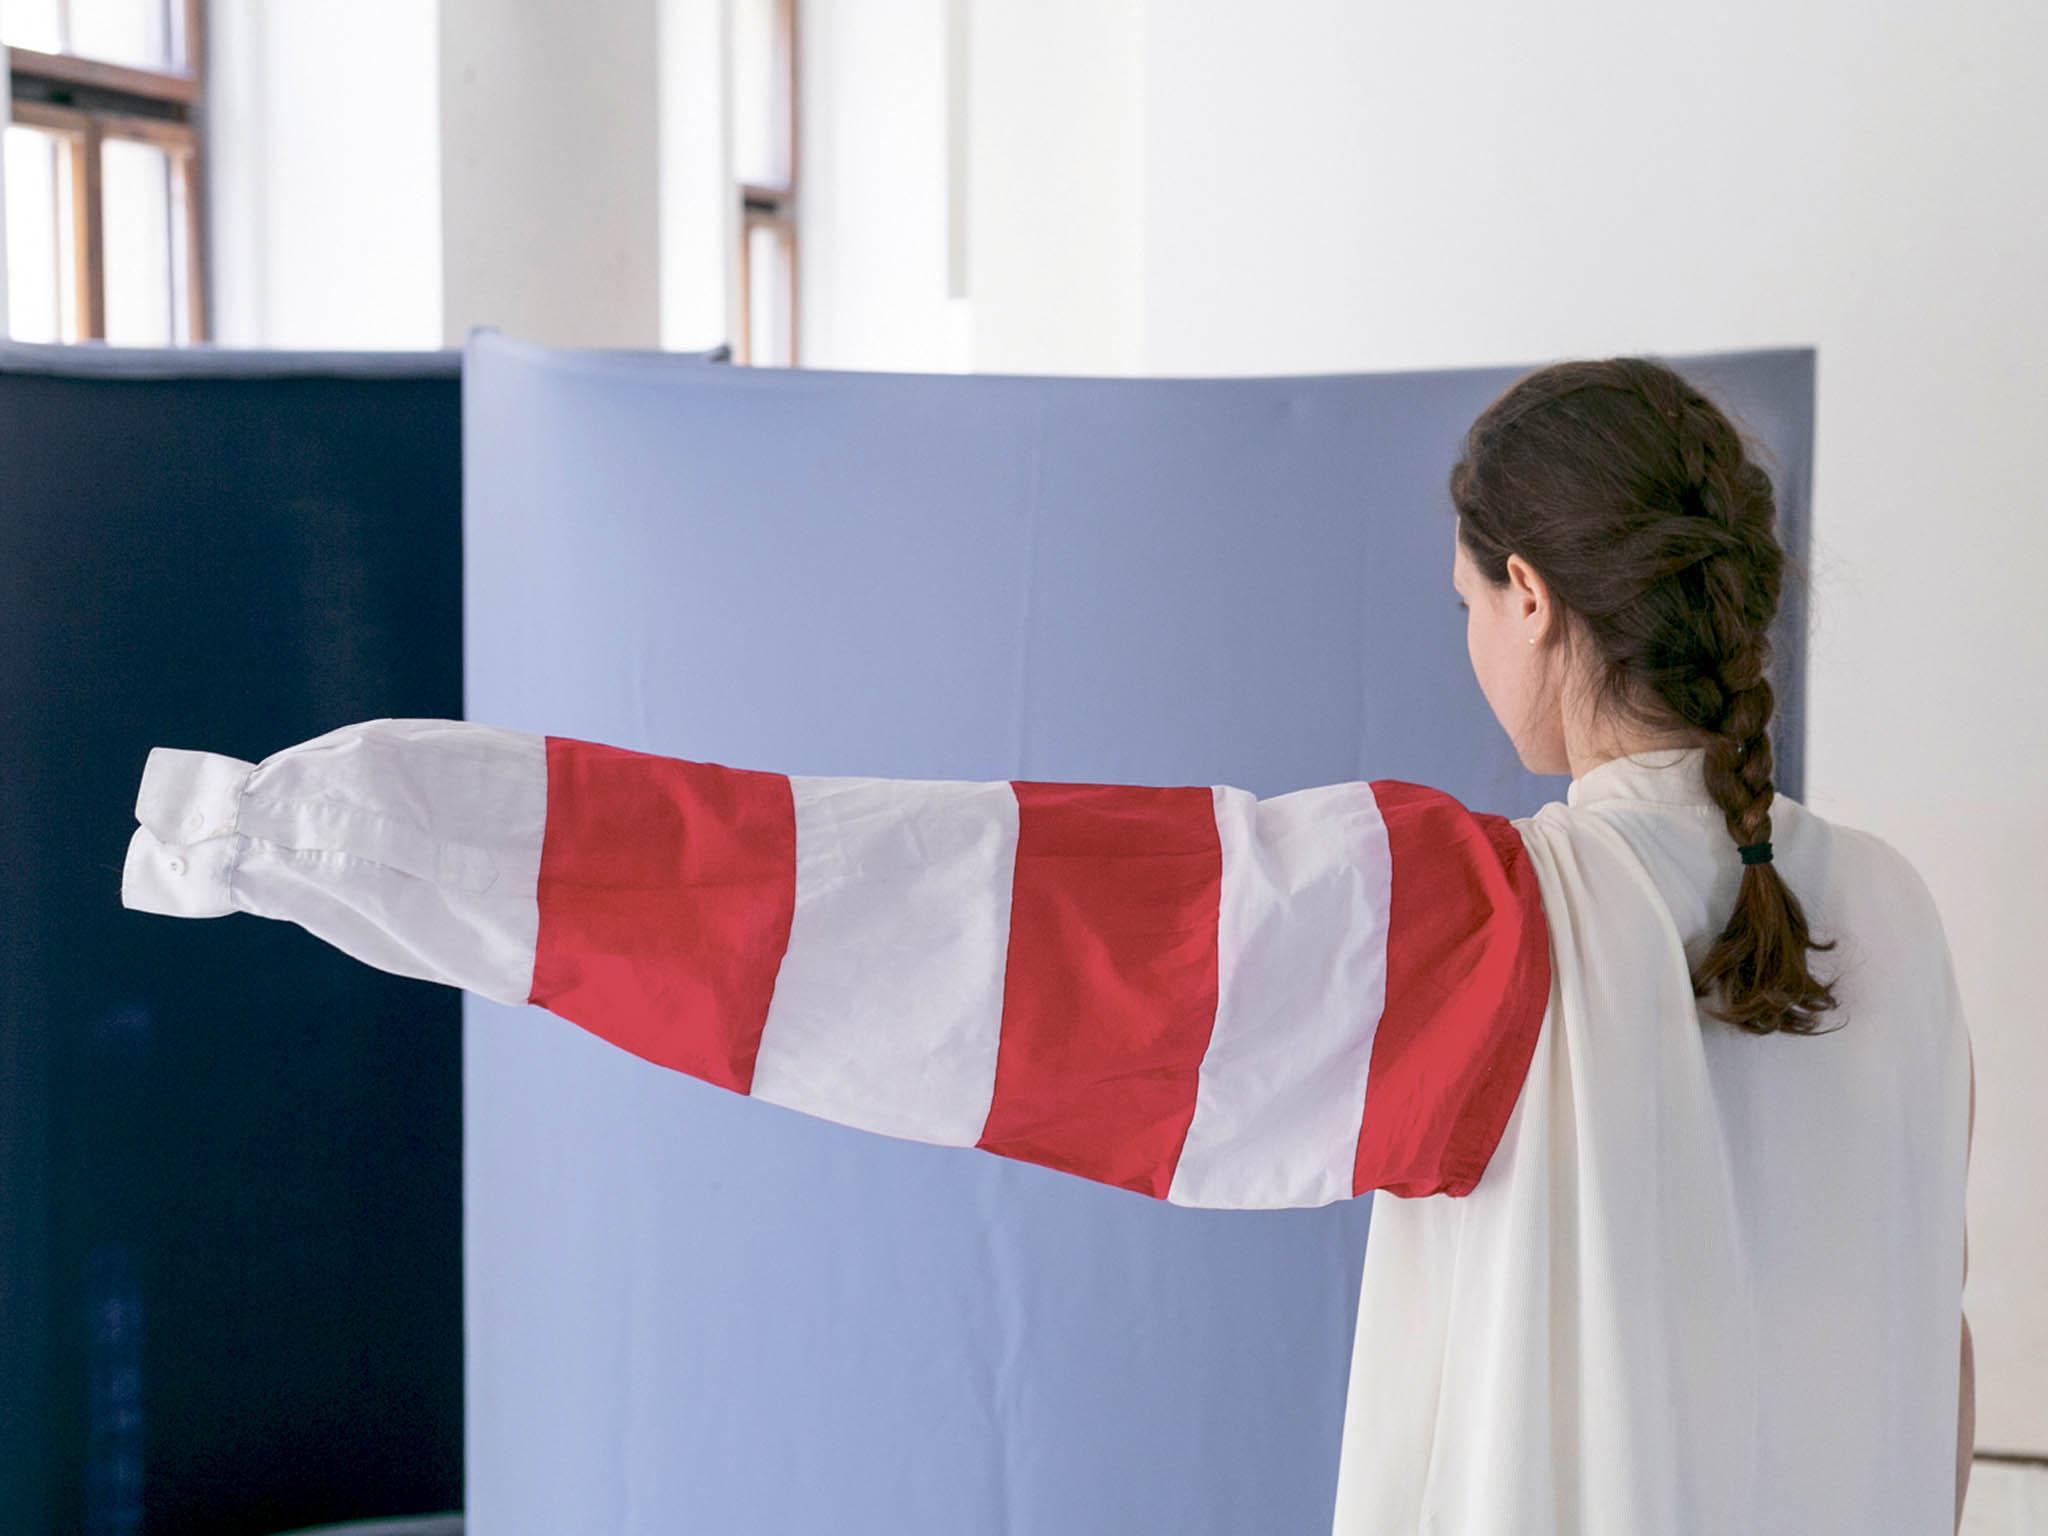 Mezinárodní festival současného umění zaplní labyrint místností vneorenesančním Desfourském paláci obrazy, sochami, instalacemi, fotografiemi avidei odvíce než padesáti současných umělců.